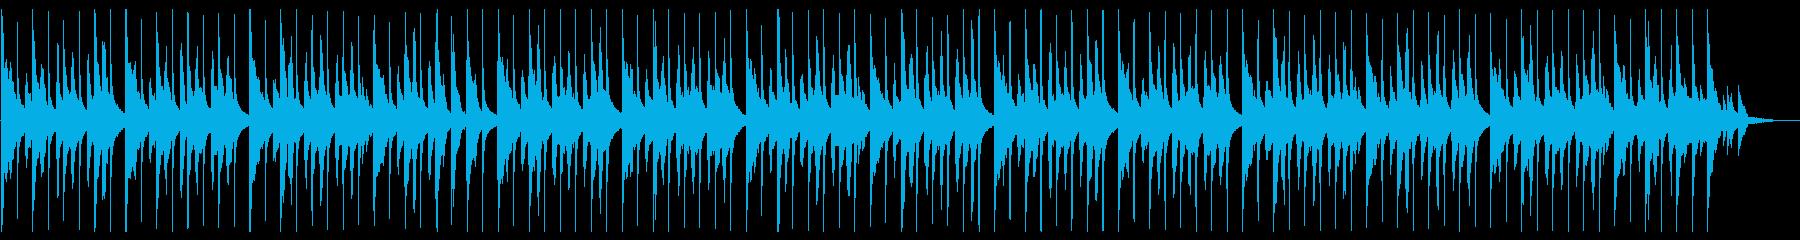 配信や映像 BGMにほのぼの優しい日常系の再生済みの波形